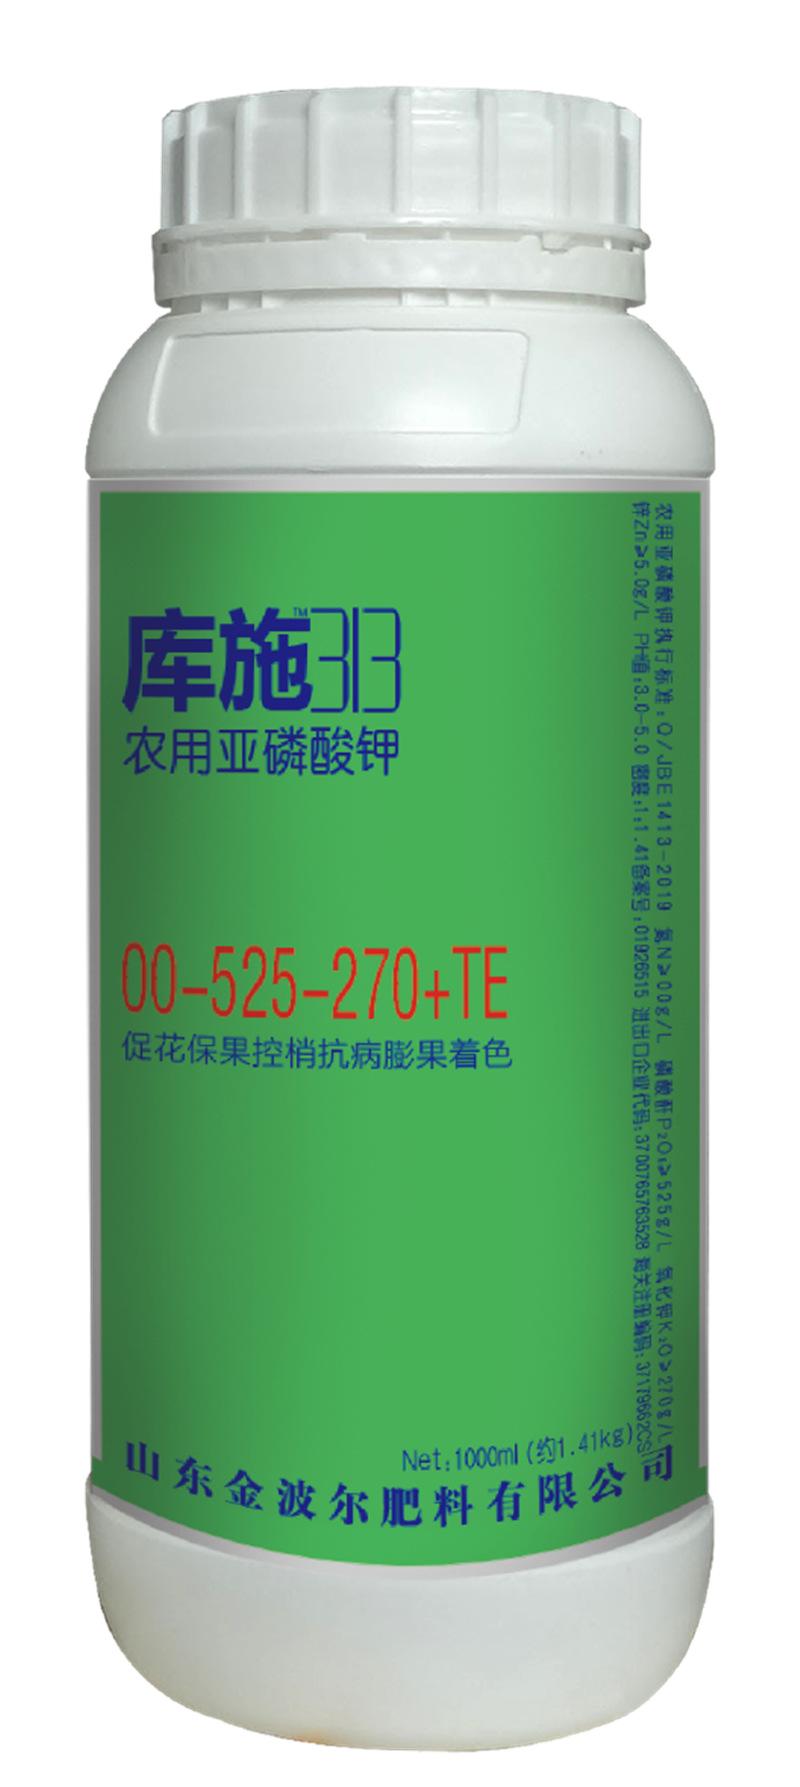 亚磷酸钾批发-山东销量好的亚磷酸钾原液